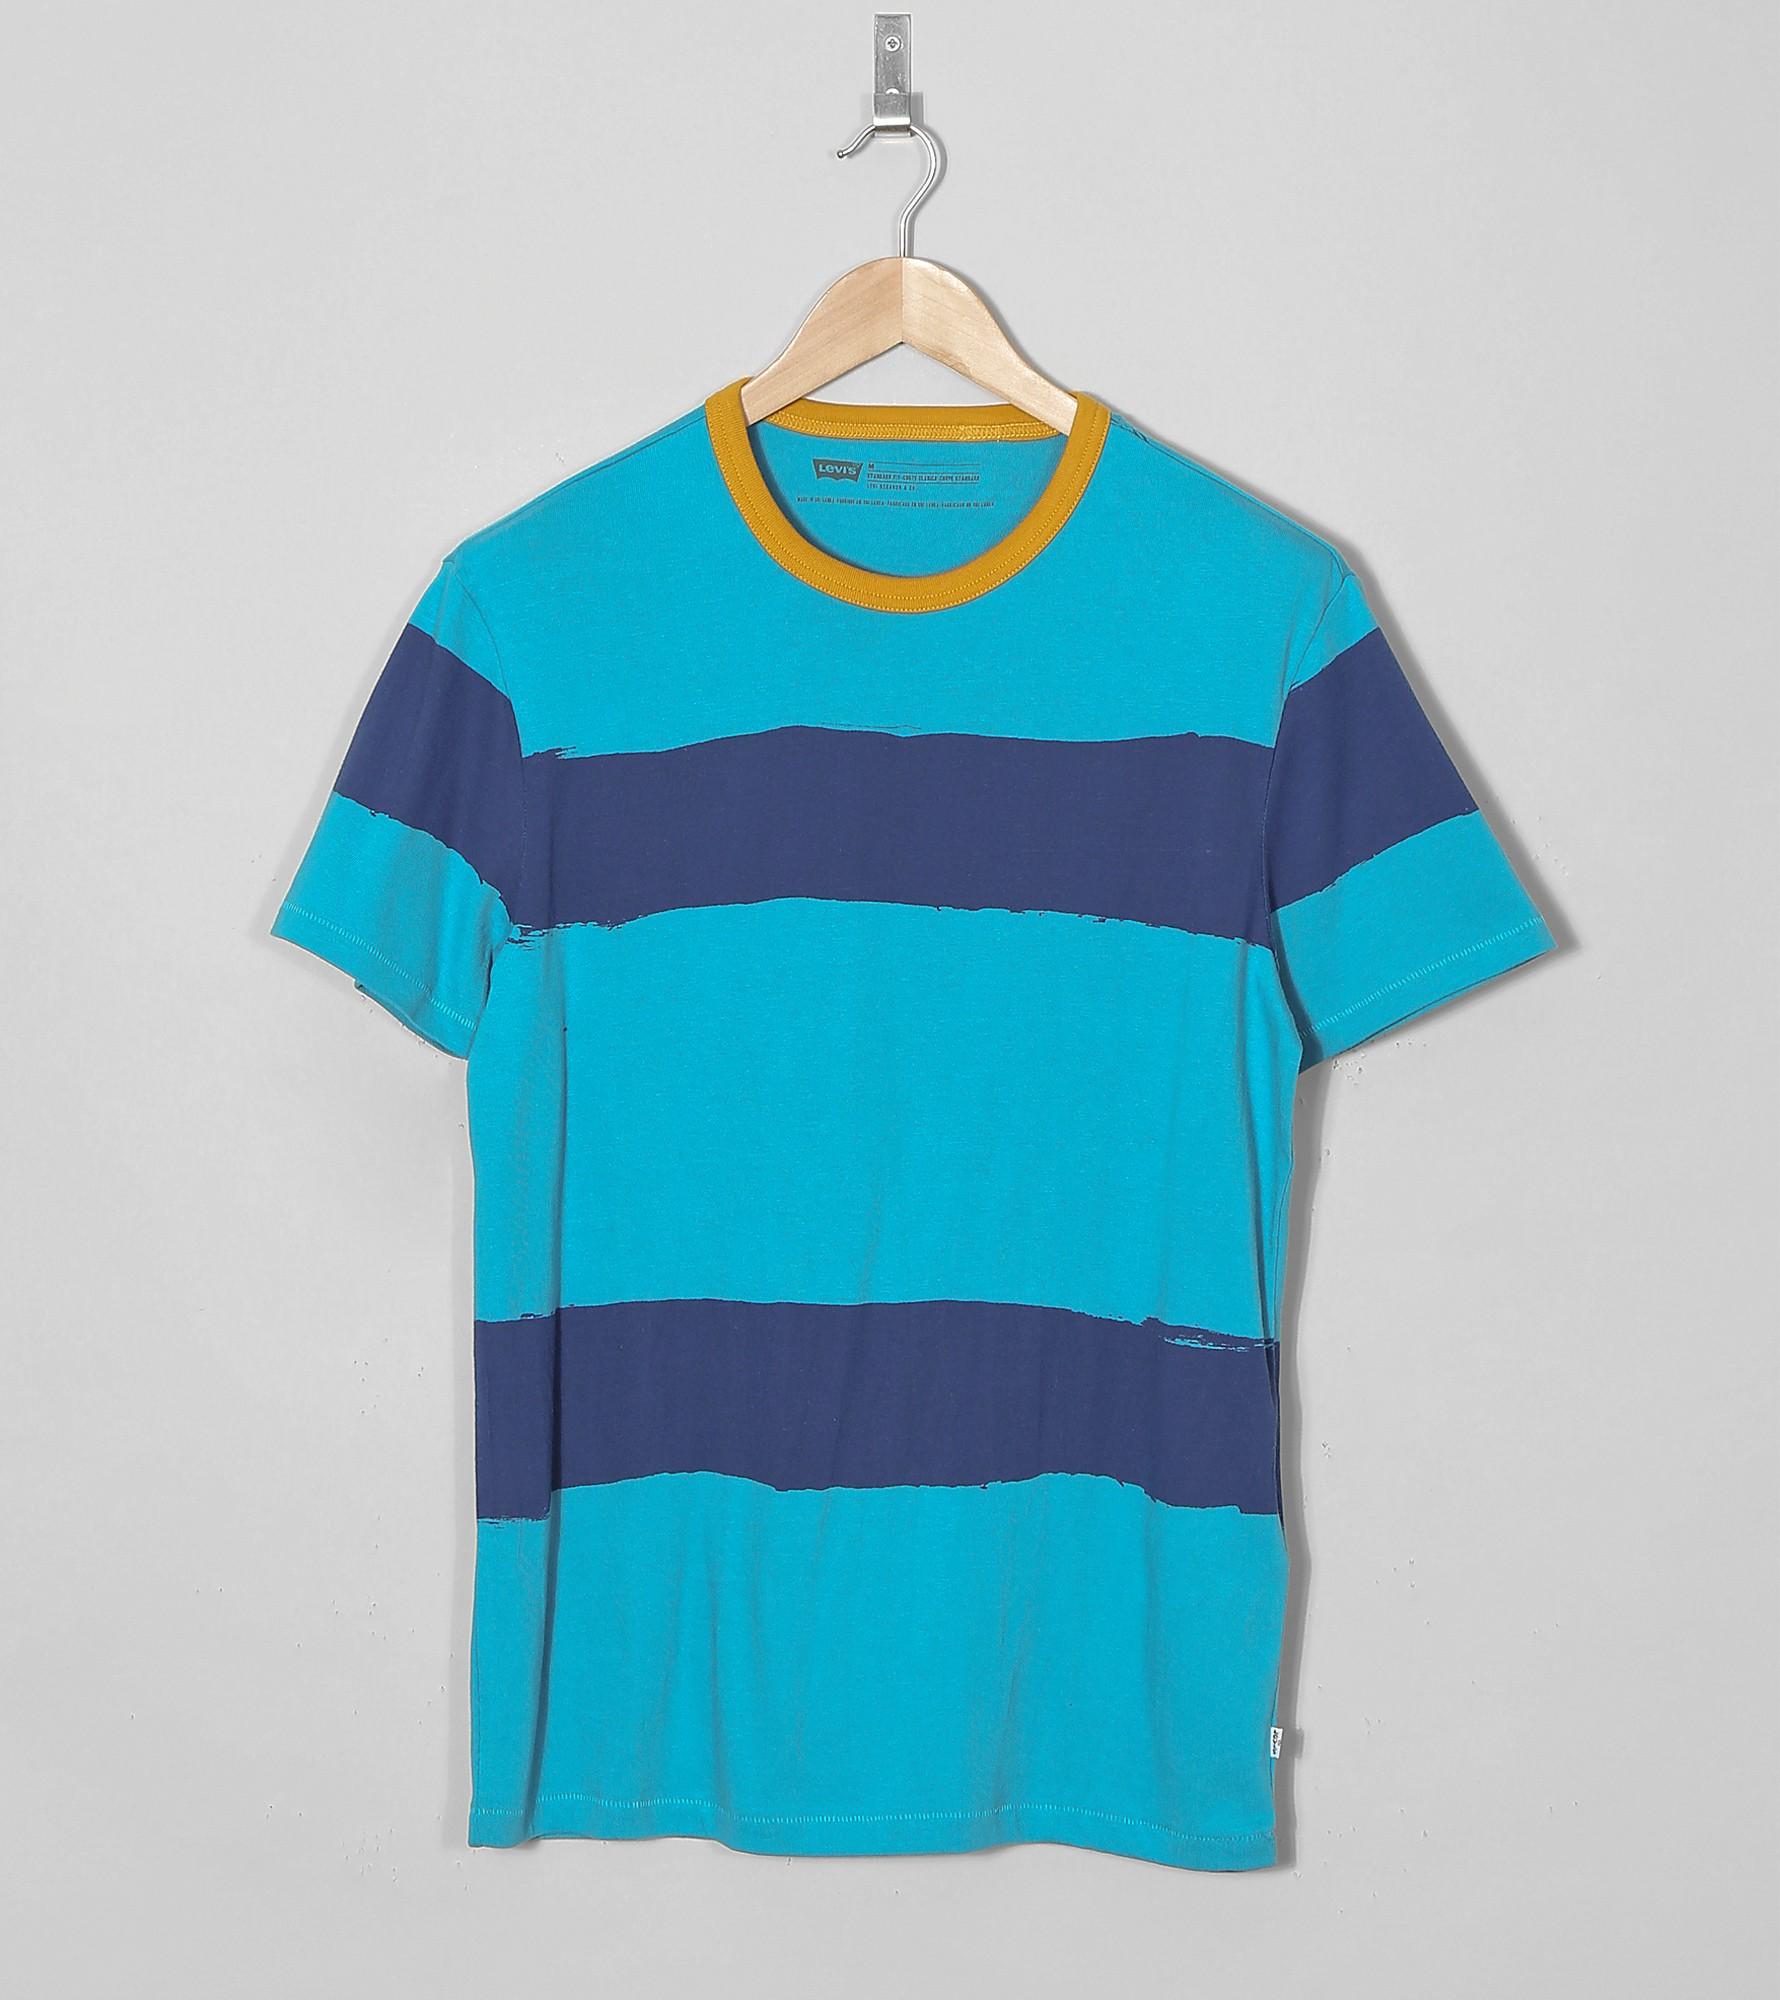 Levis Mod Stripe TShirt